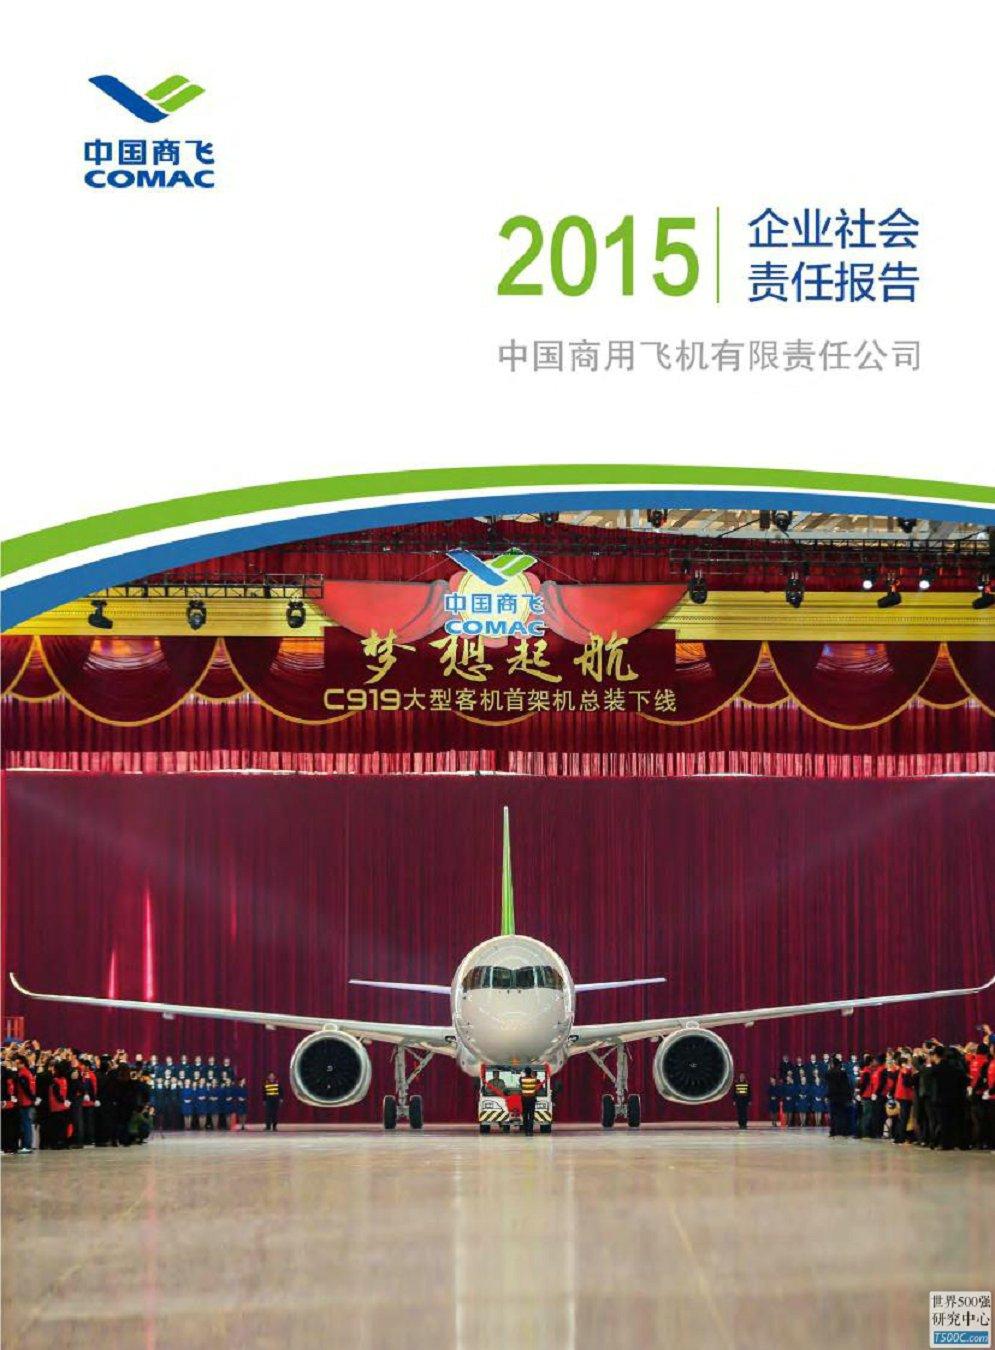 中国商用飞机有限责任公司2015年社会责任报告